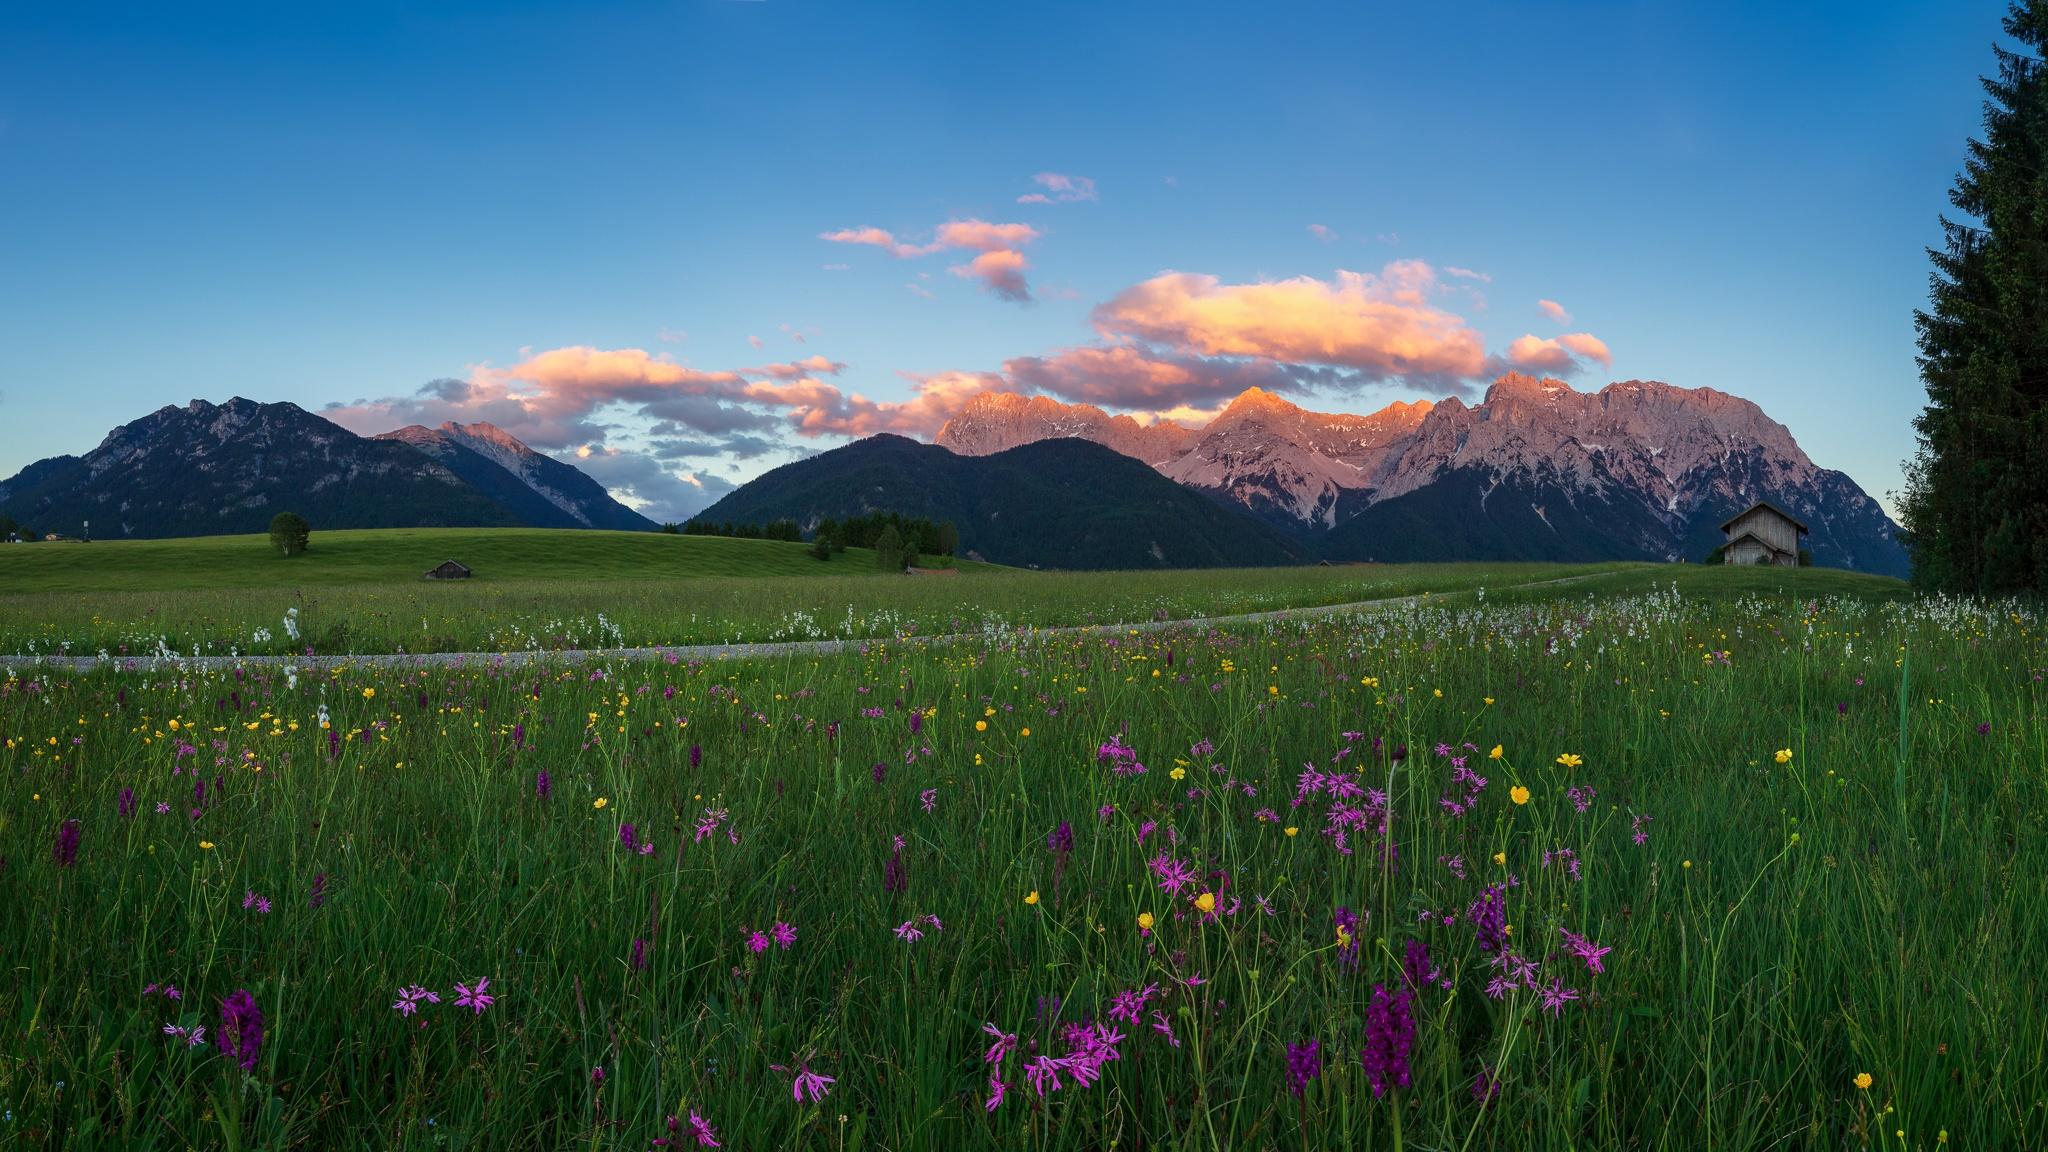 Blumenwiesen auf den Buckelwiesen fotografieren. Blumen: Knabenkraut, Kuckucks-Lichtnelke, Hahnenfuß und Wollgras. Alpenwelt Karwendel